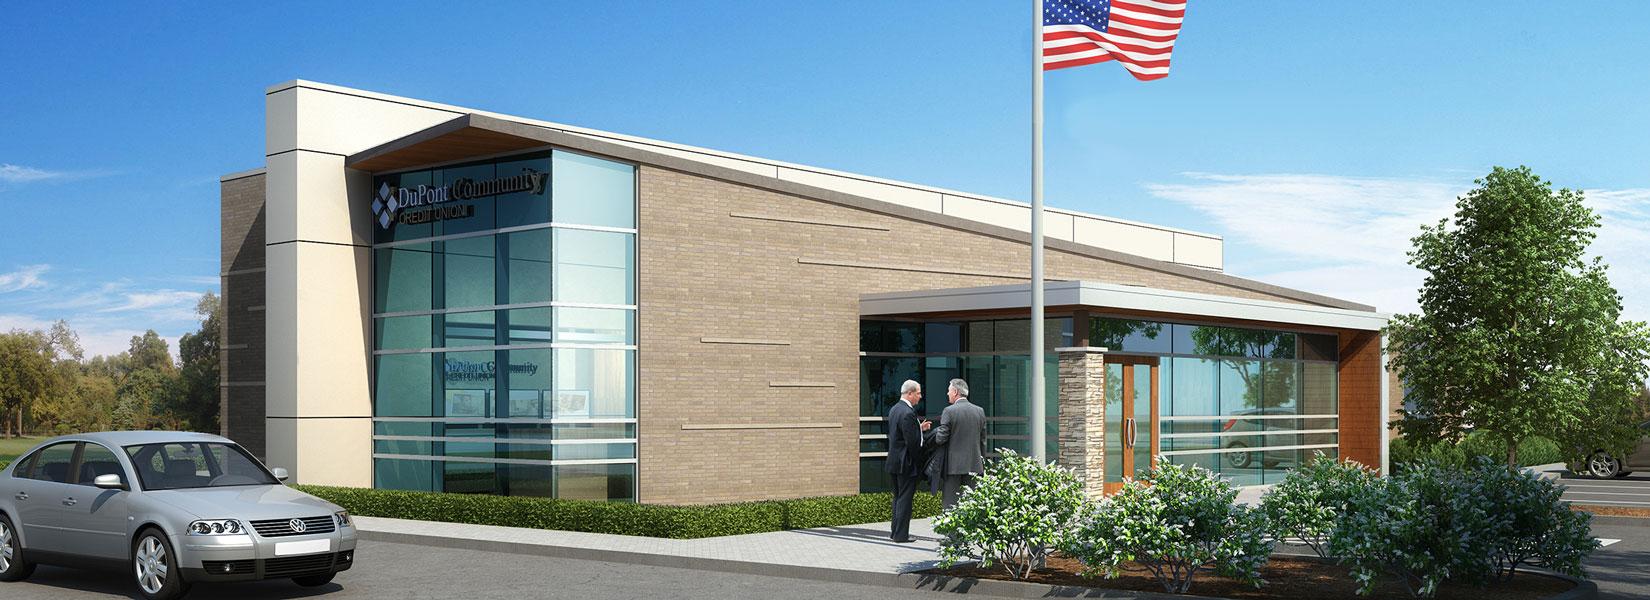 DuPont Community Credit Union - Lexington